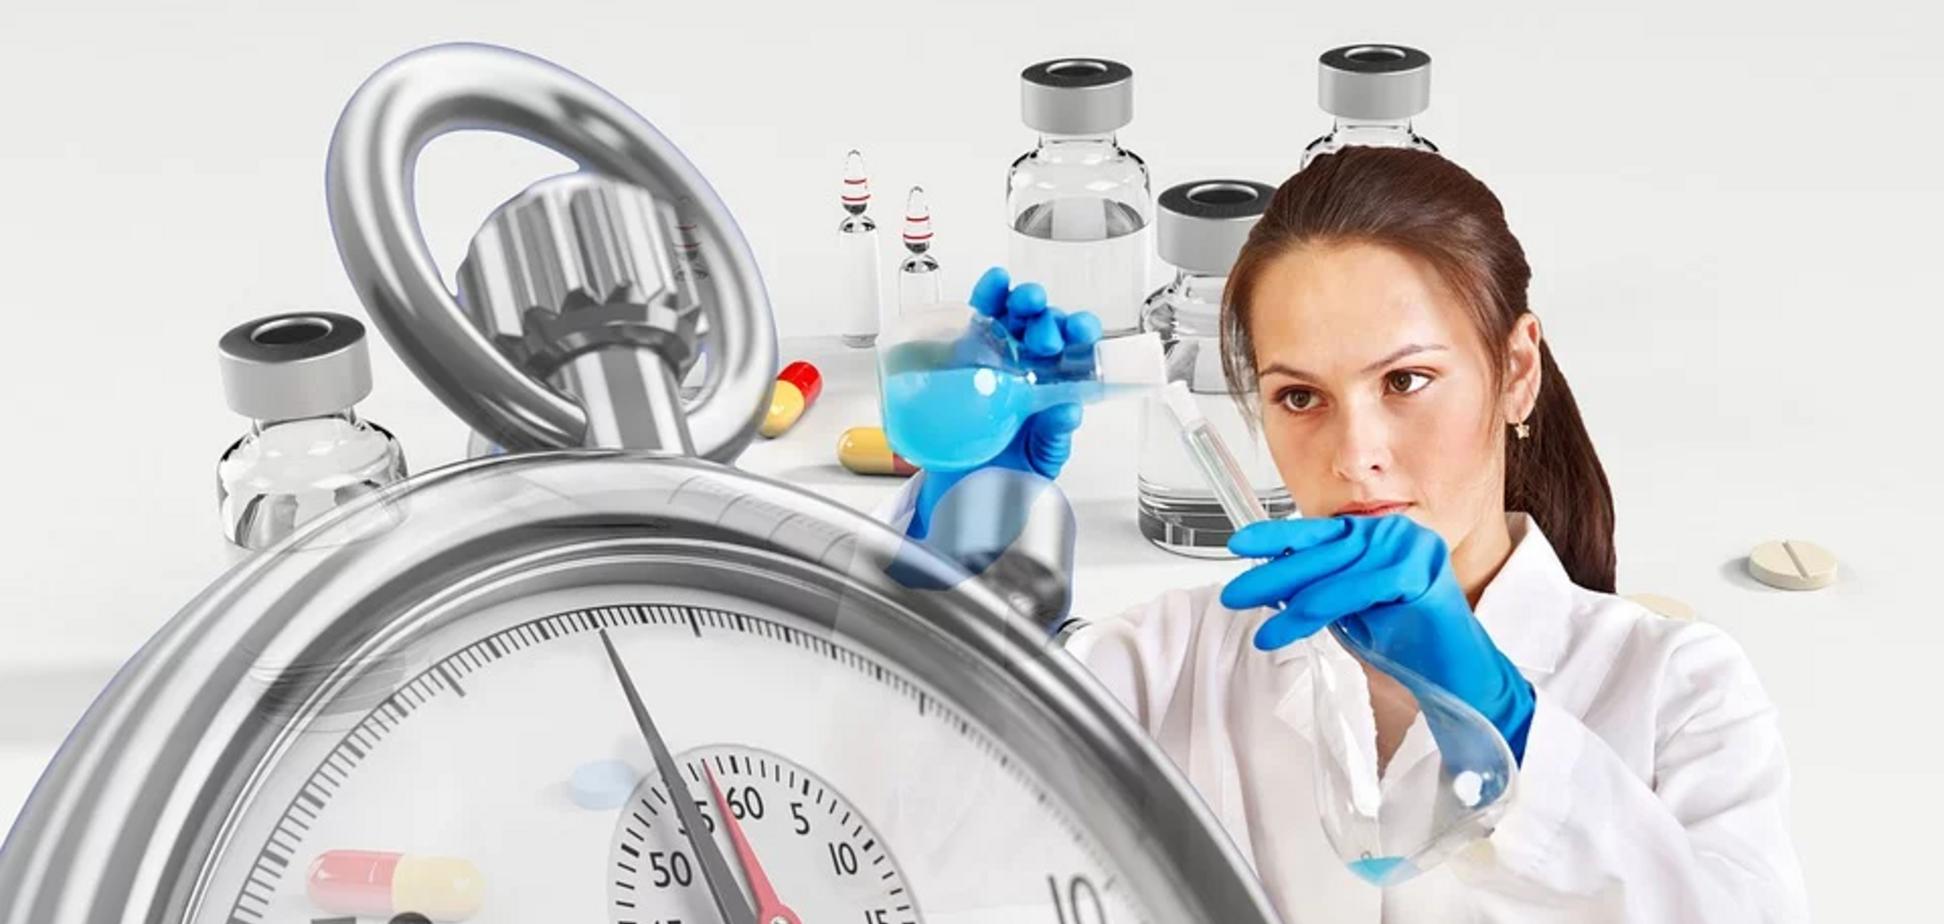 Коли закінчиться коронавірус: стало відомо про головні прориви вчених